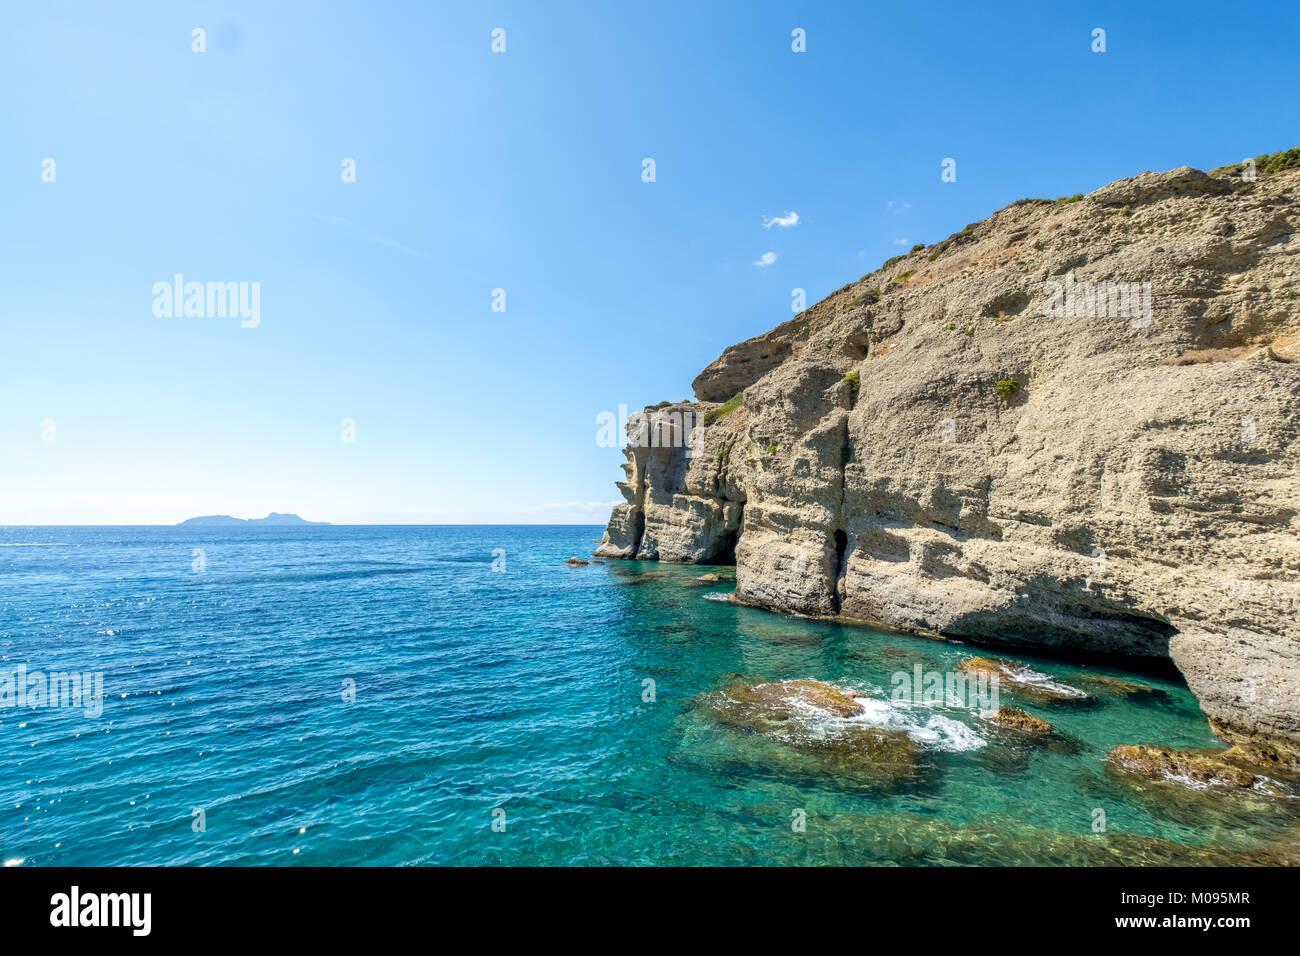 Felsenküste auf der Südseite der Insel bei Agia Galini,Mitttelmeer,  Europa, Kreta, Griechenland, Agia - Stock Image